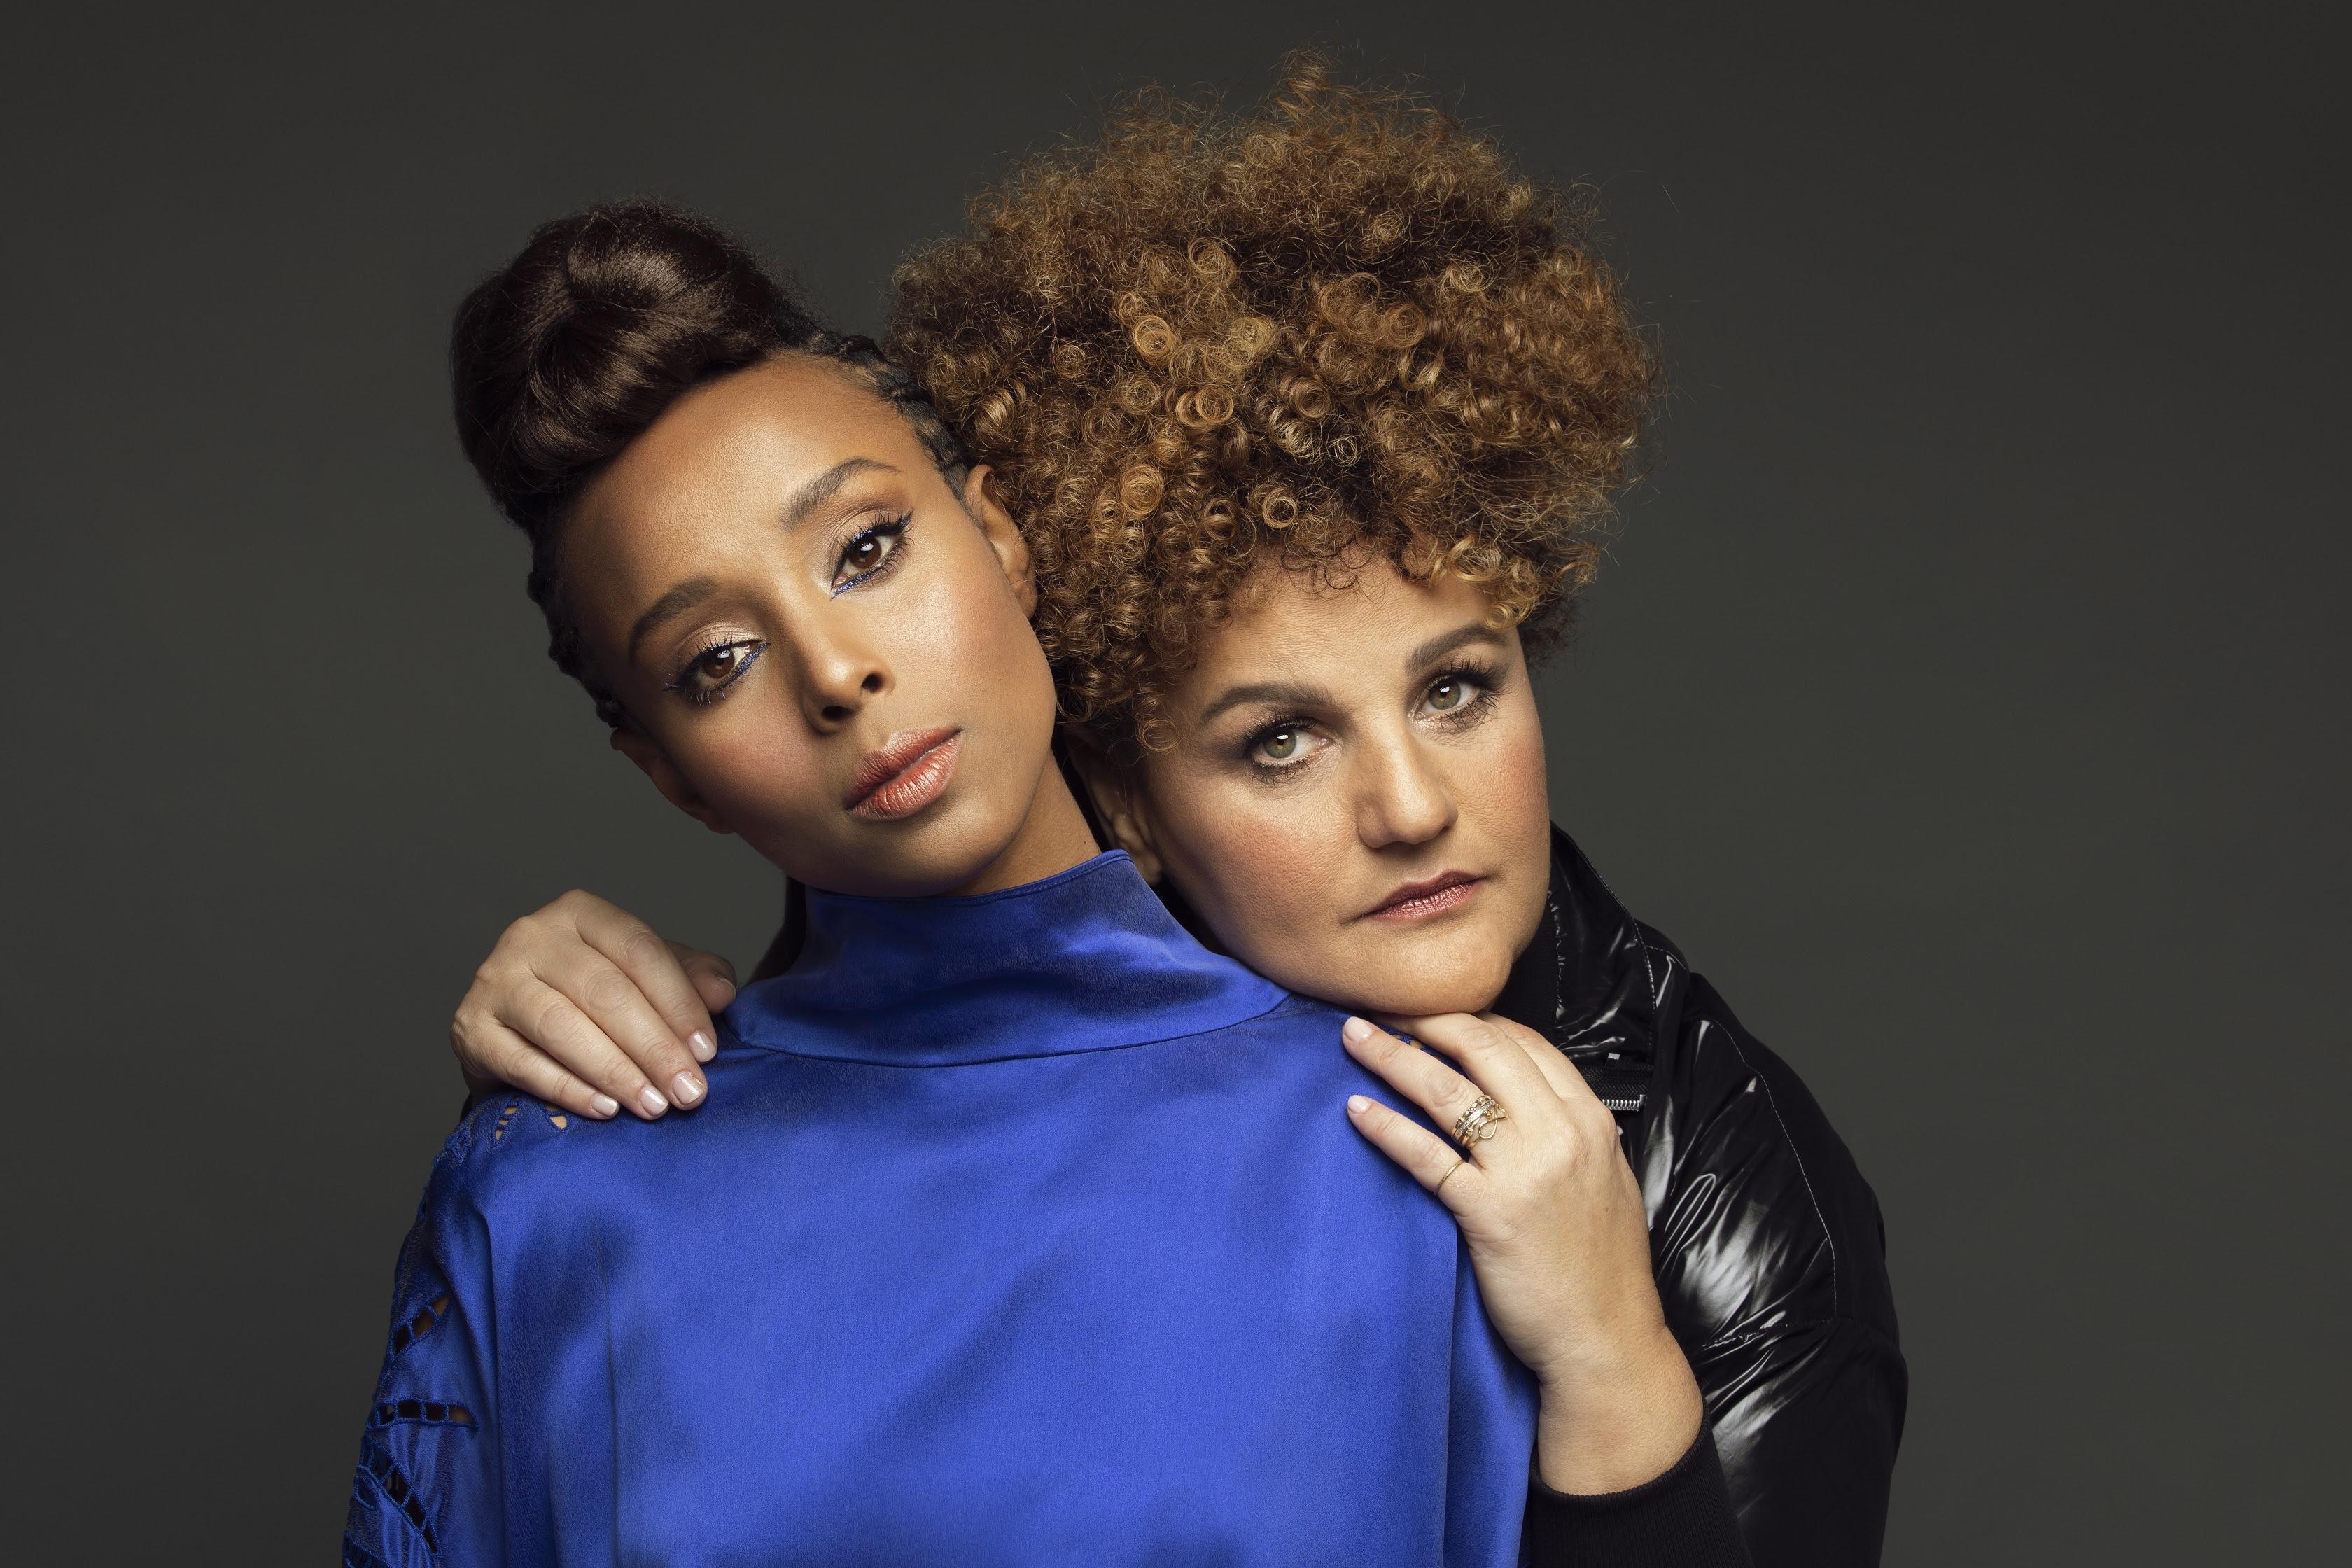 אסתר וקרולינה. צילום דניאל קמינסקי